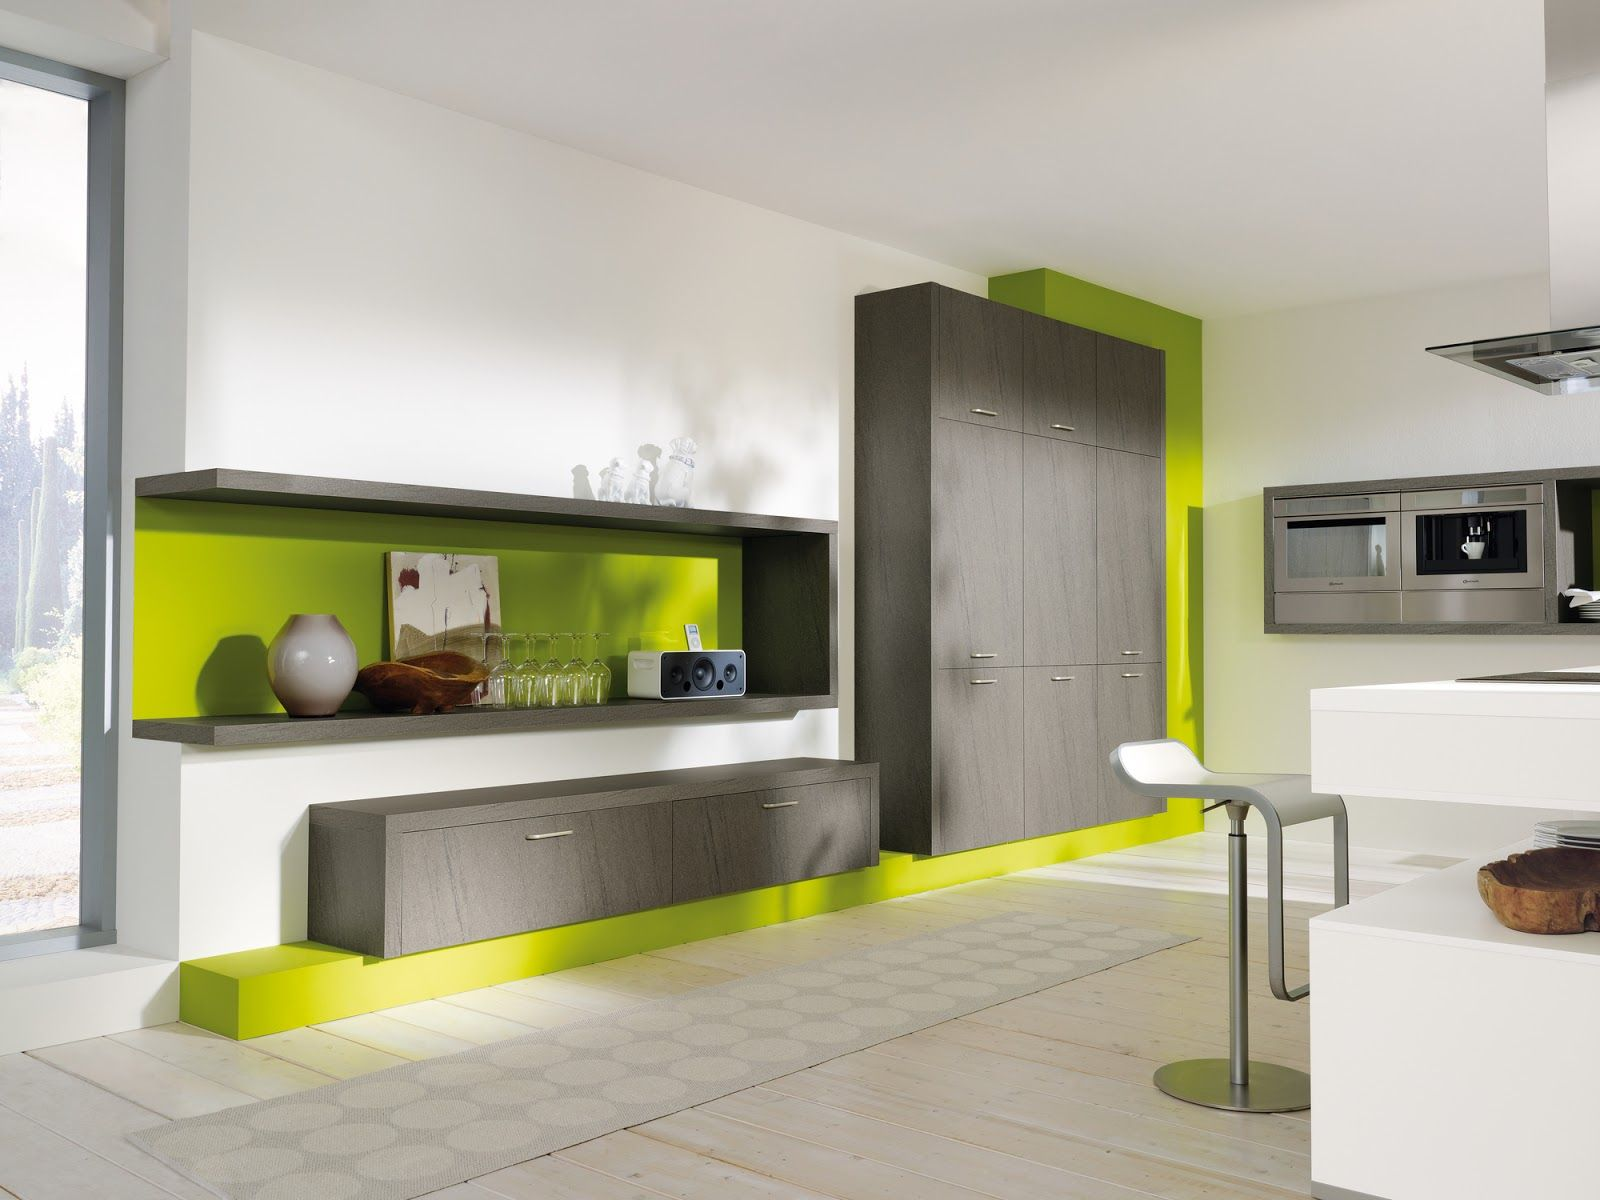 Alno Kitchens India   Alno kitchen, Kitchen interior, Kitchen